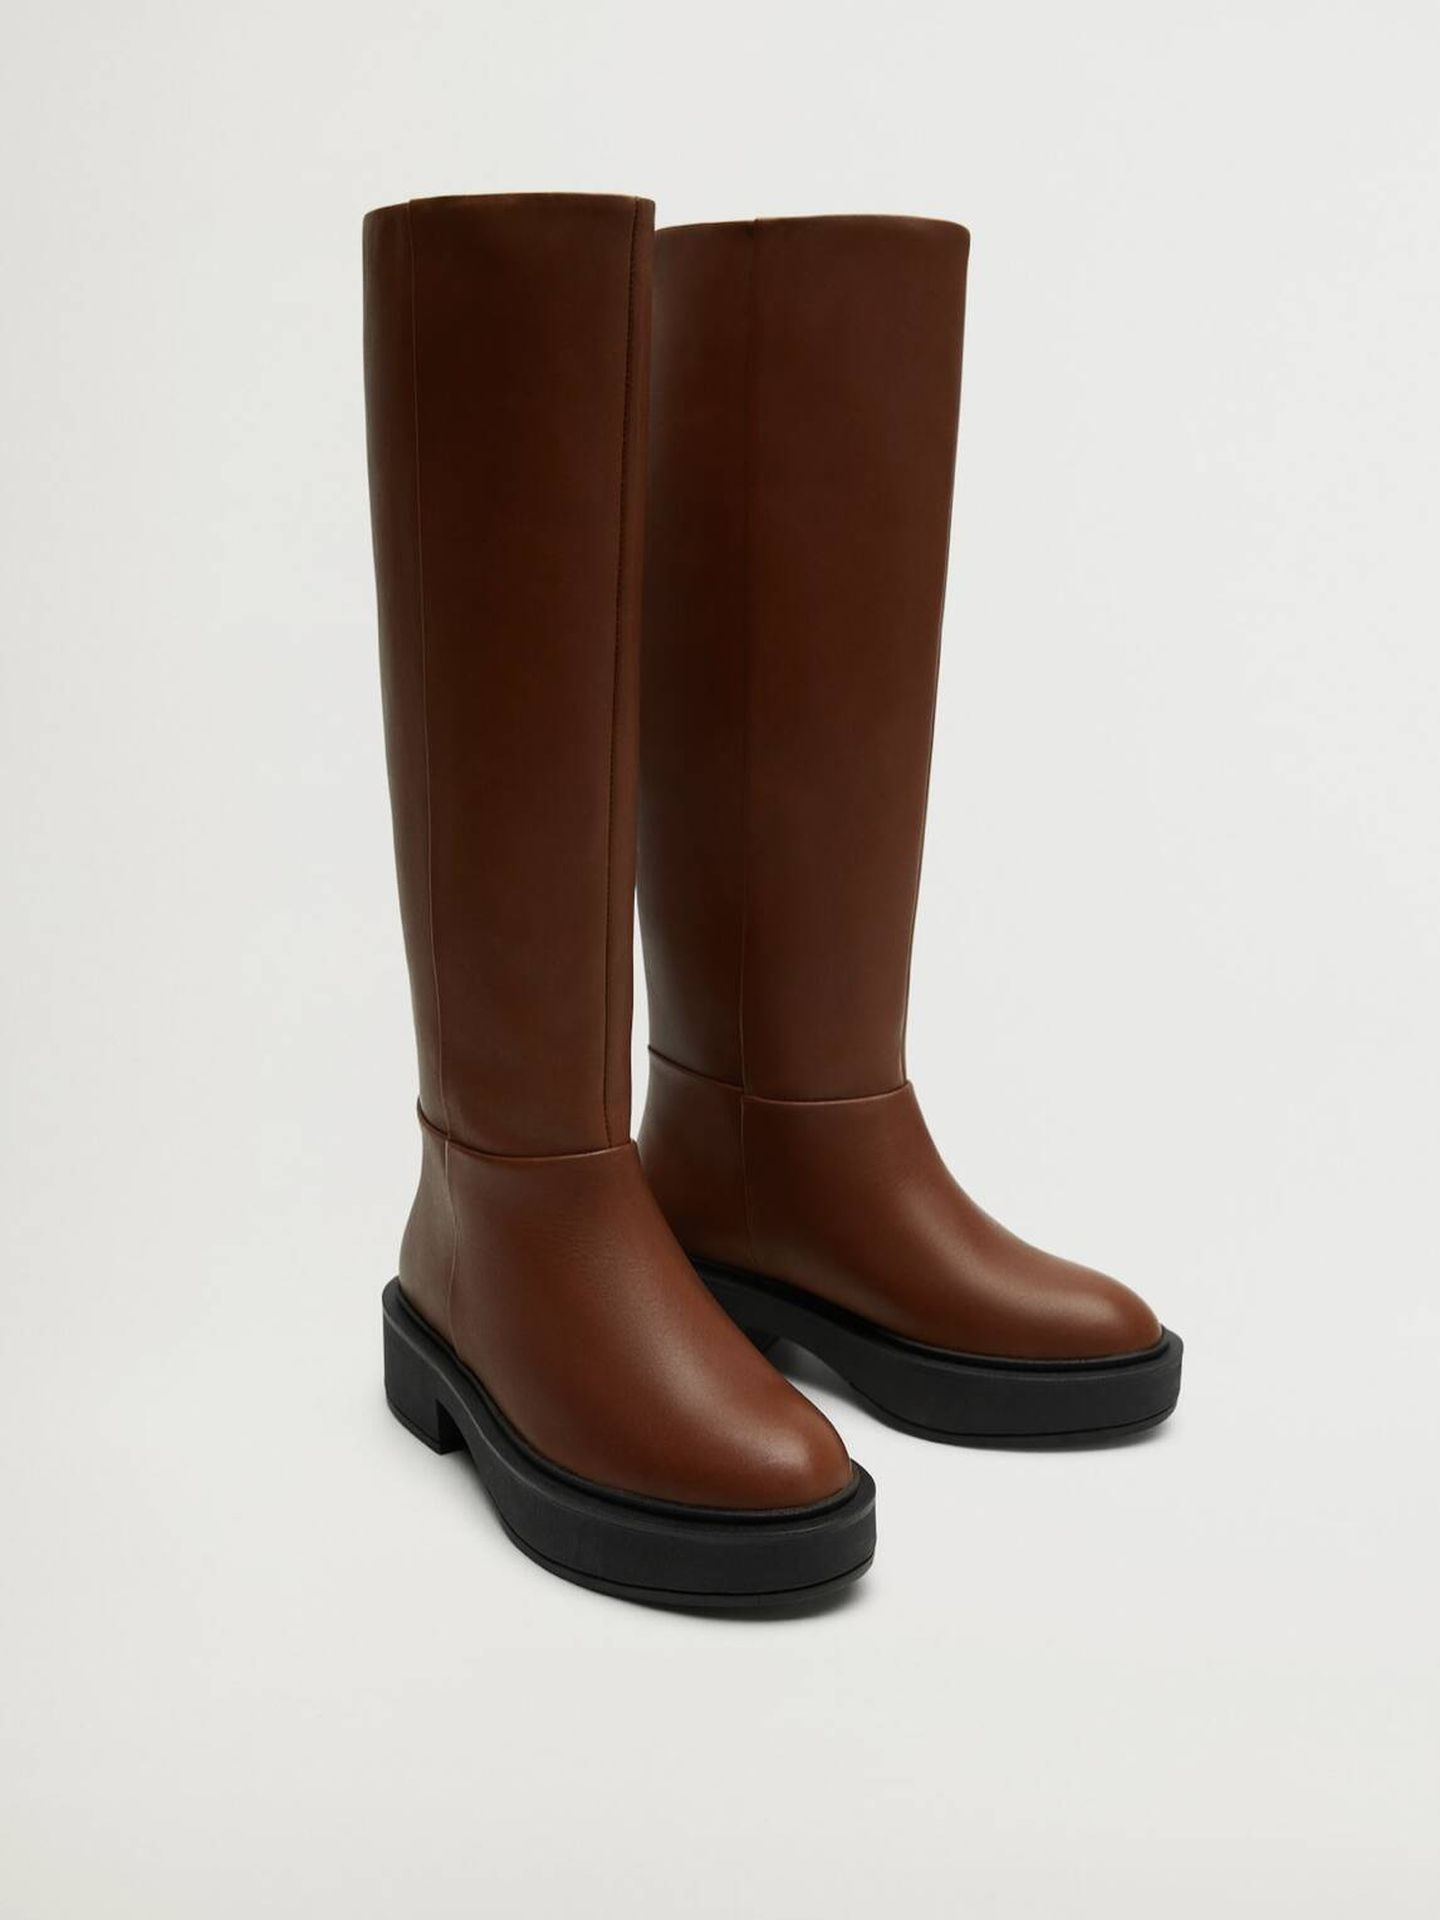 Botas 'equestrian' de piel de Mango Outlet. (Cortesía)